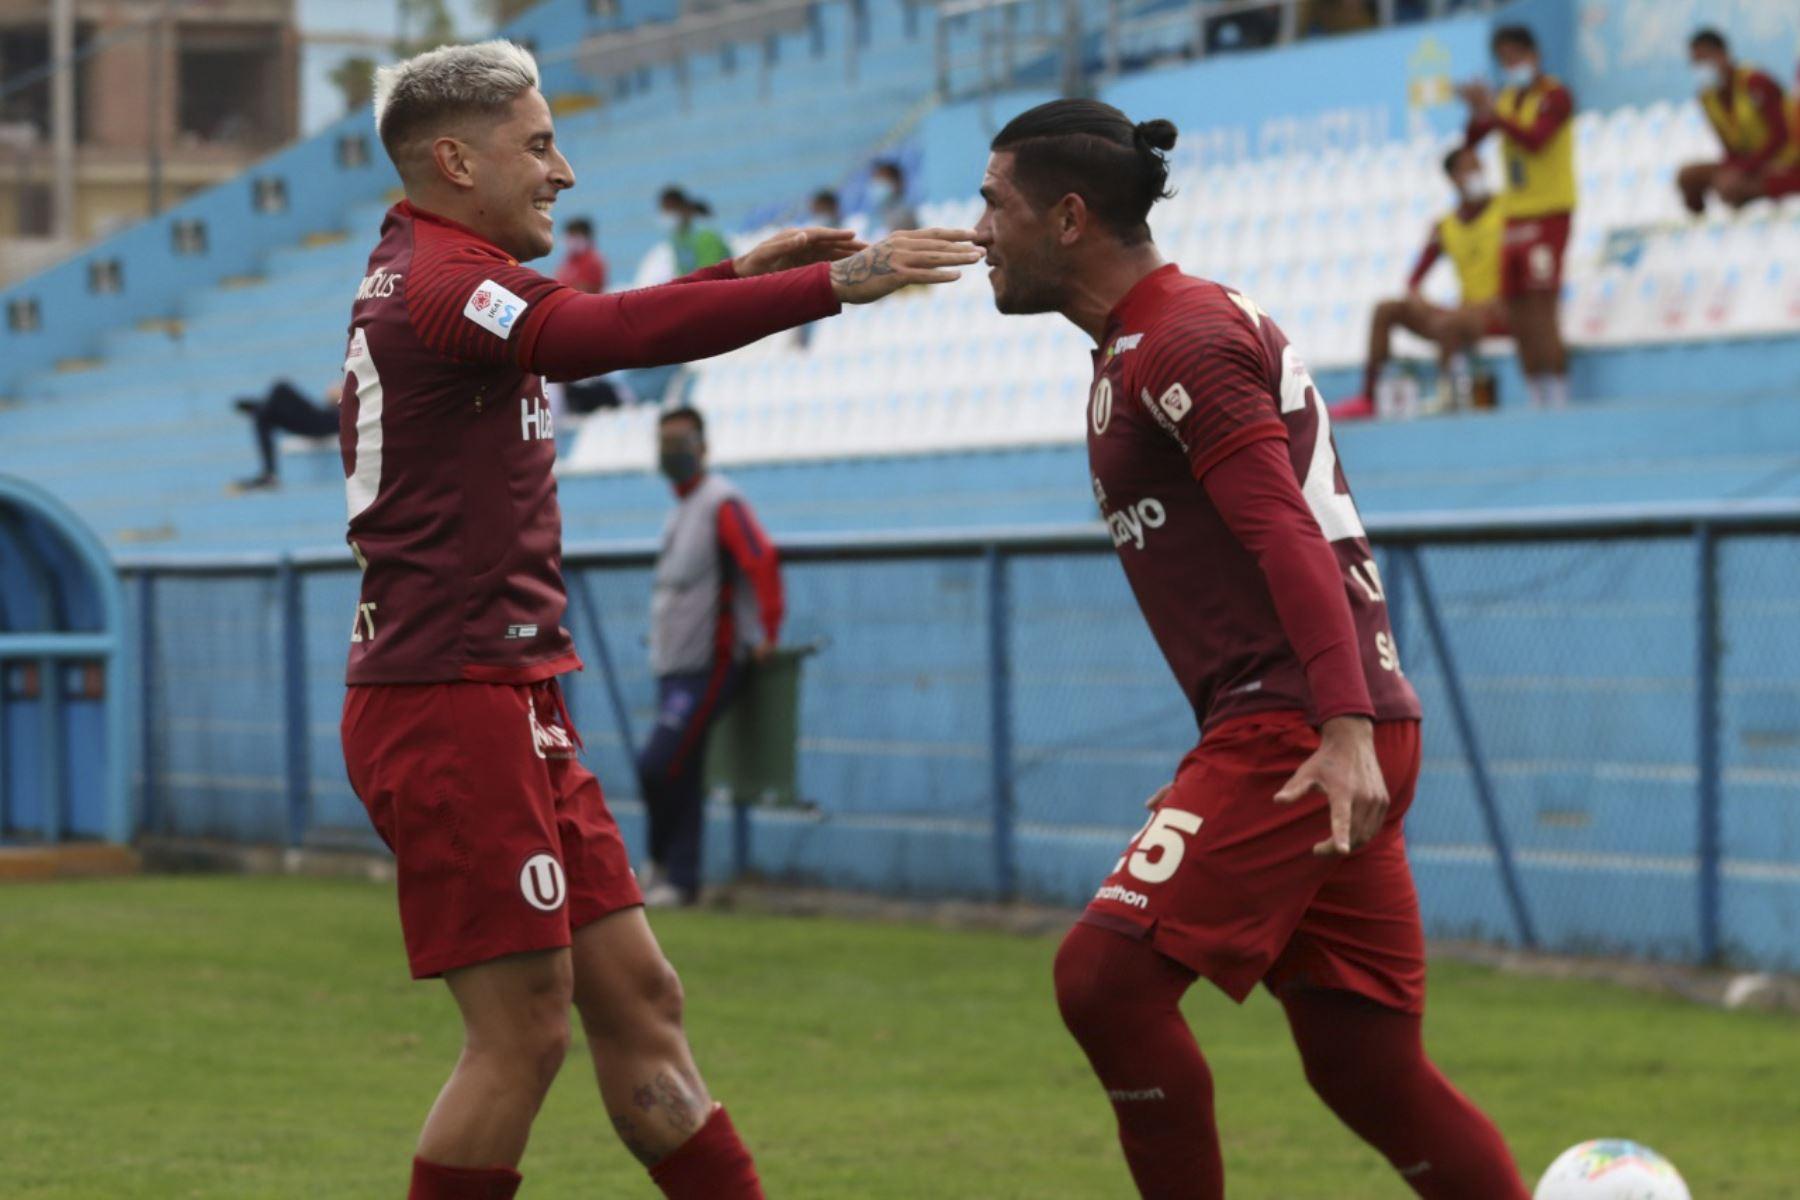 Jonathan Dos Santos celebra con Alejandro Hohberg luego de anotar en la goleada de Universitario de Deportes a Deportivo Municipal que culminó 5-0 por la fecha 15 del Torneo Apertura de la Liga 1.   Foto: FPF